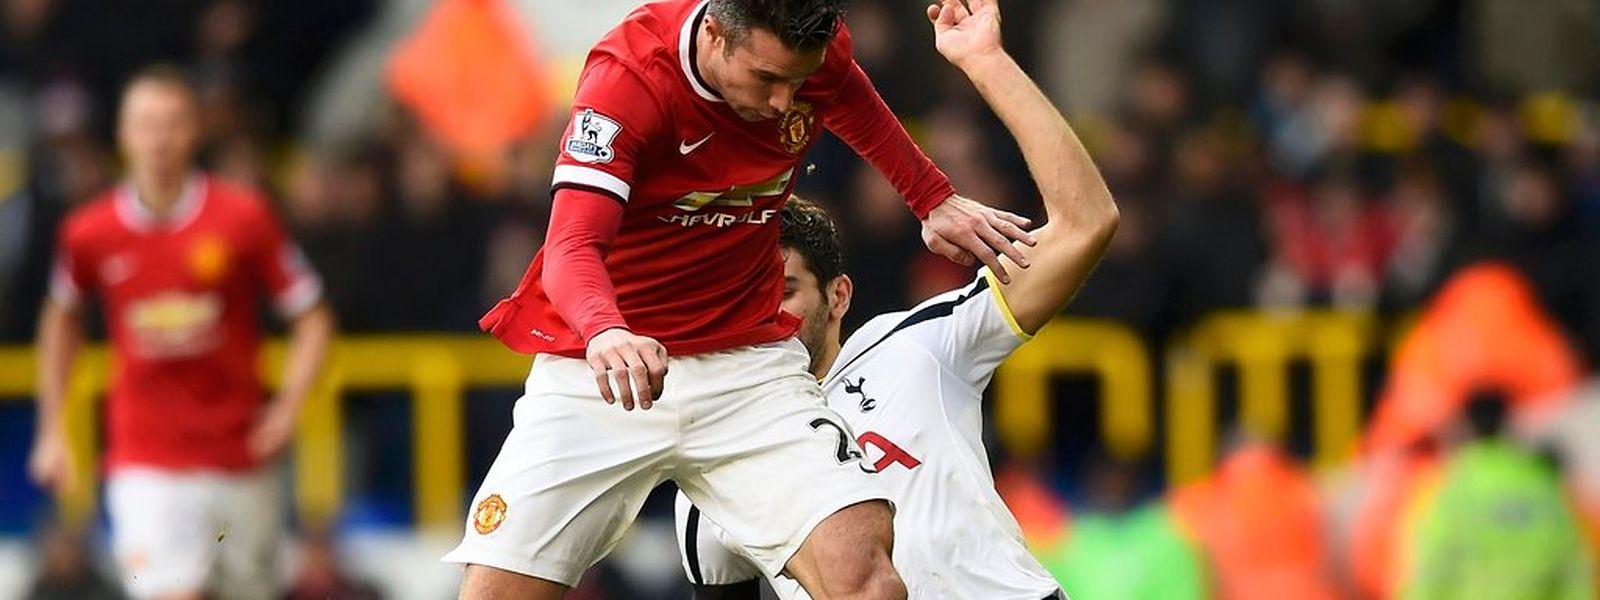 Robin van Persie et United doivent repartir de l'avant. Mais gagner à Stoke n'est jamais une partie de plaisir.